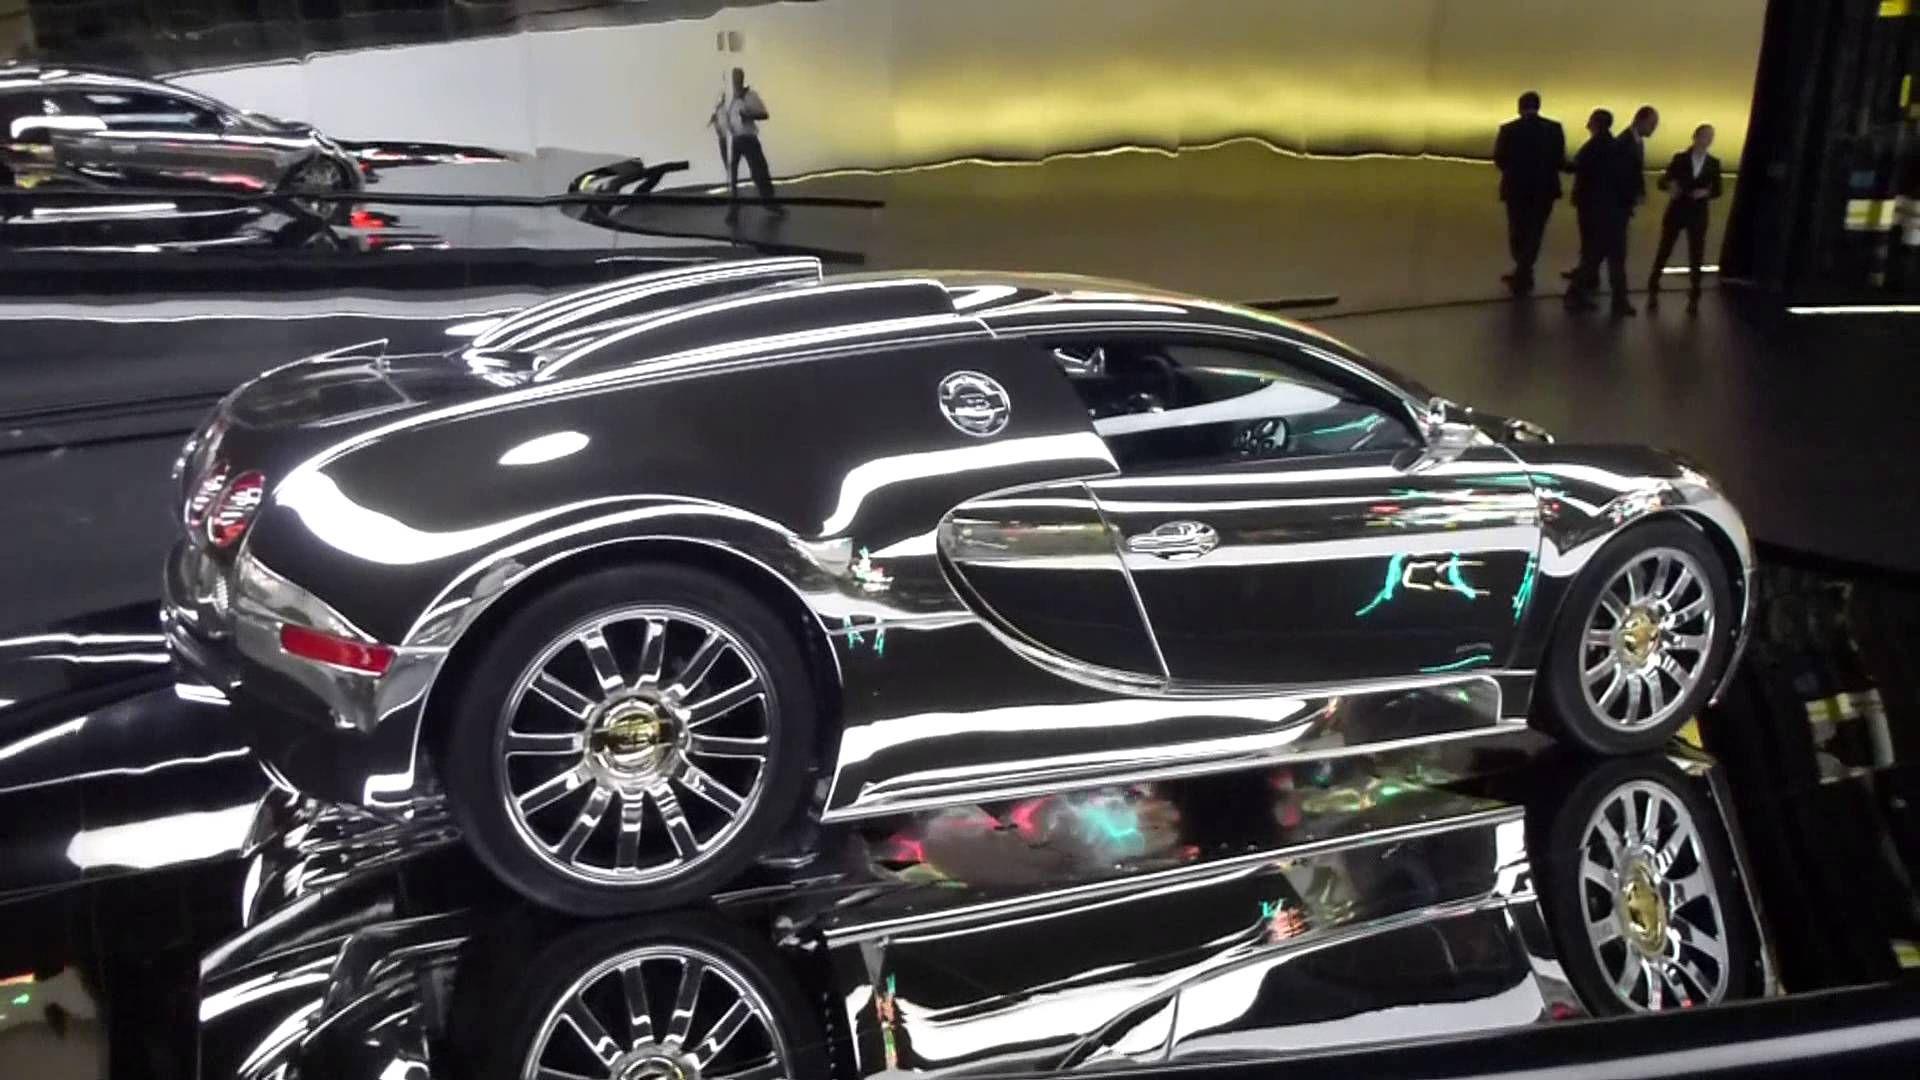 Charmant 2014 Bugatti Veyron Super Sport | Browse Bugatti Veyron Super Sport Chrome  Similar Image And Photo